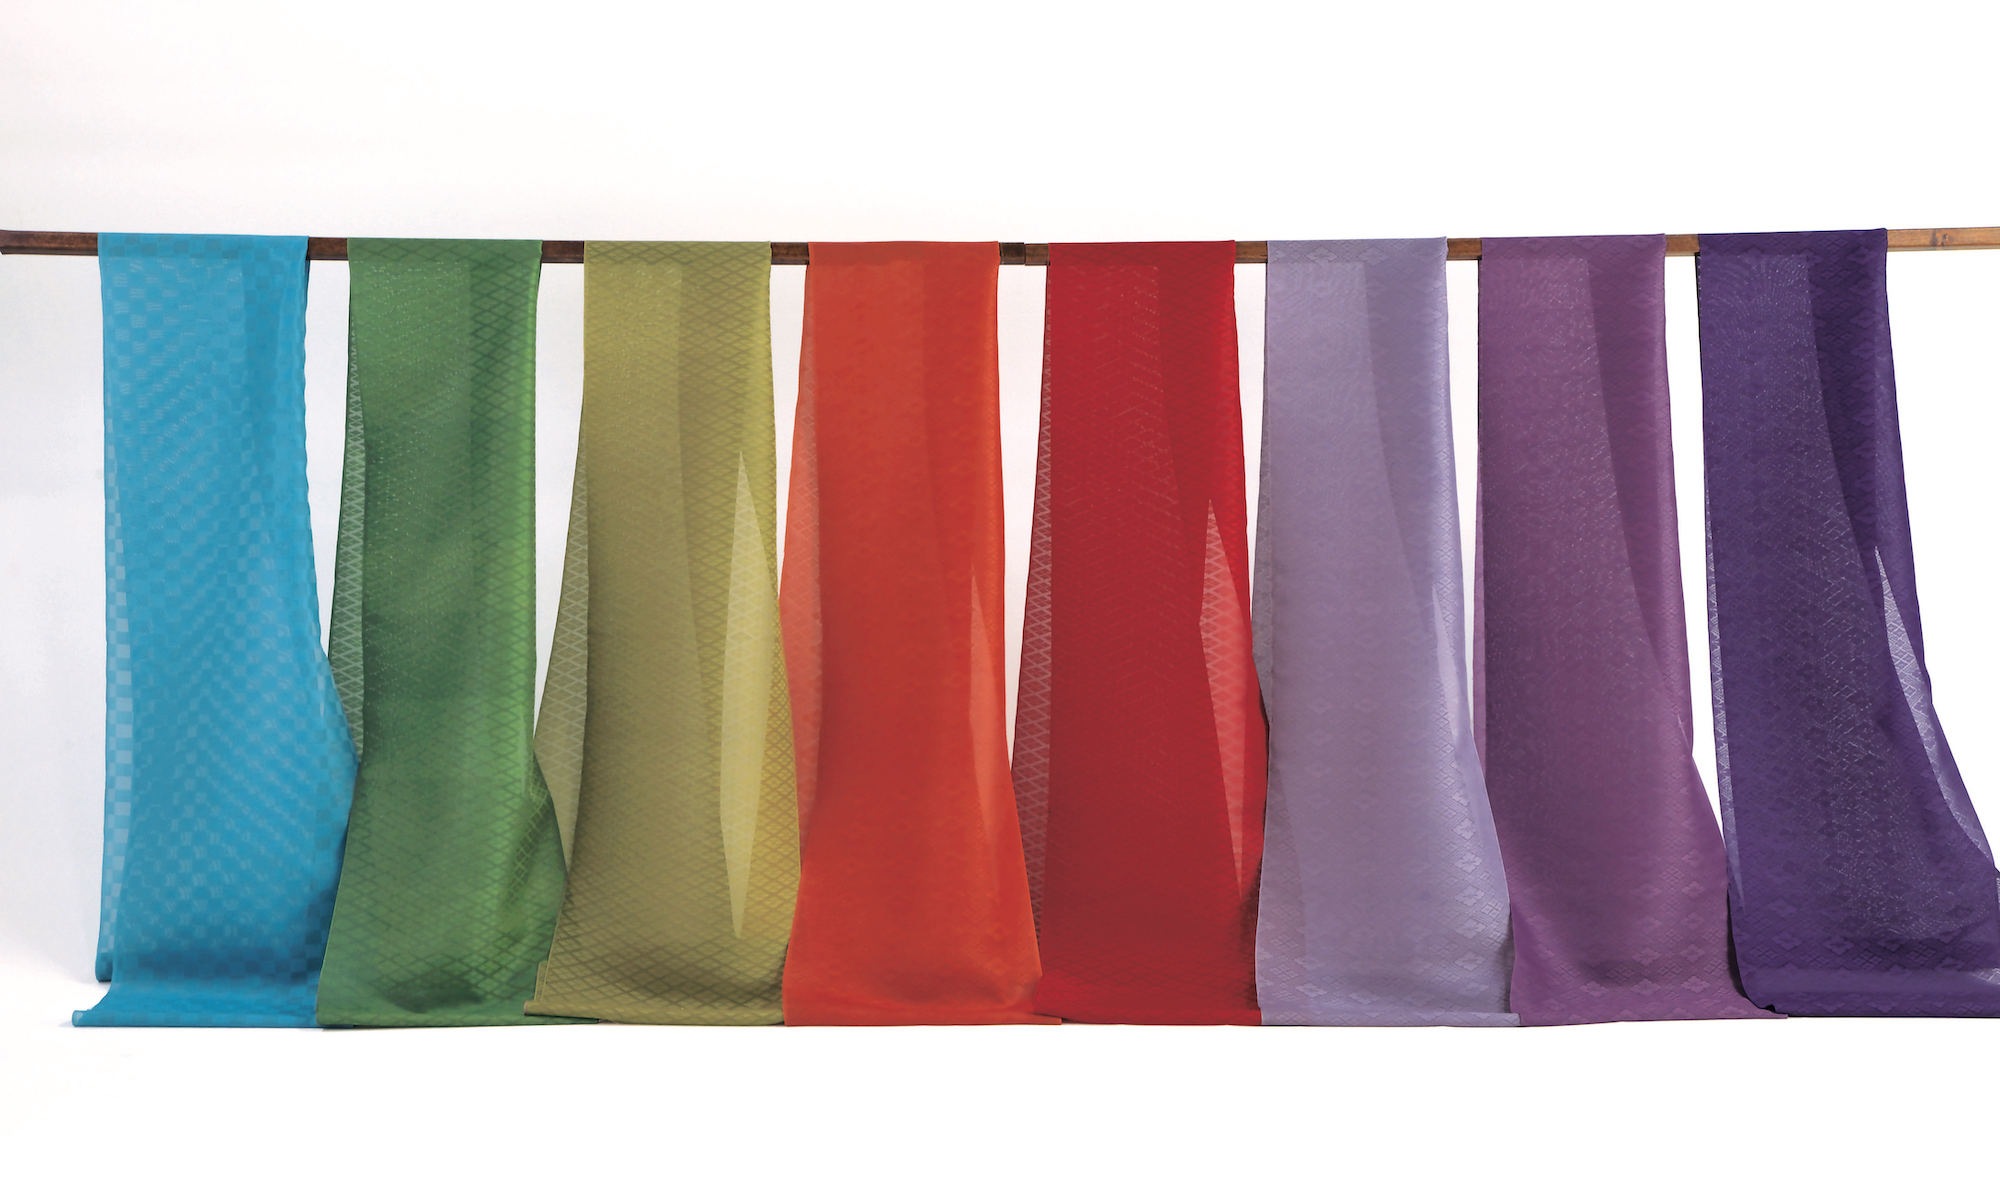 吉岡は古典文学に表現された装束の色彩も再現している。写真は『源氏物語』第14帖「澪標」の色彩。